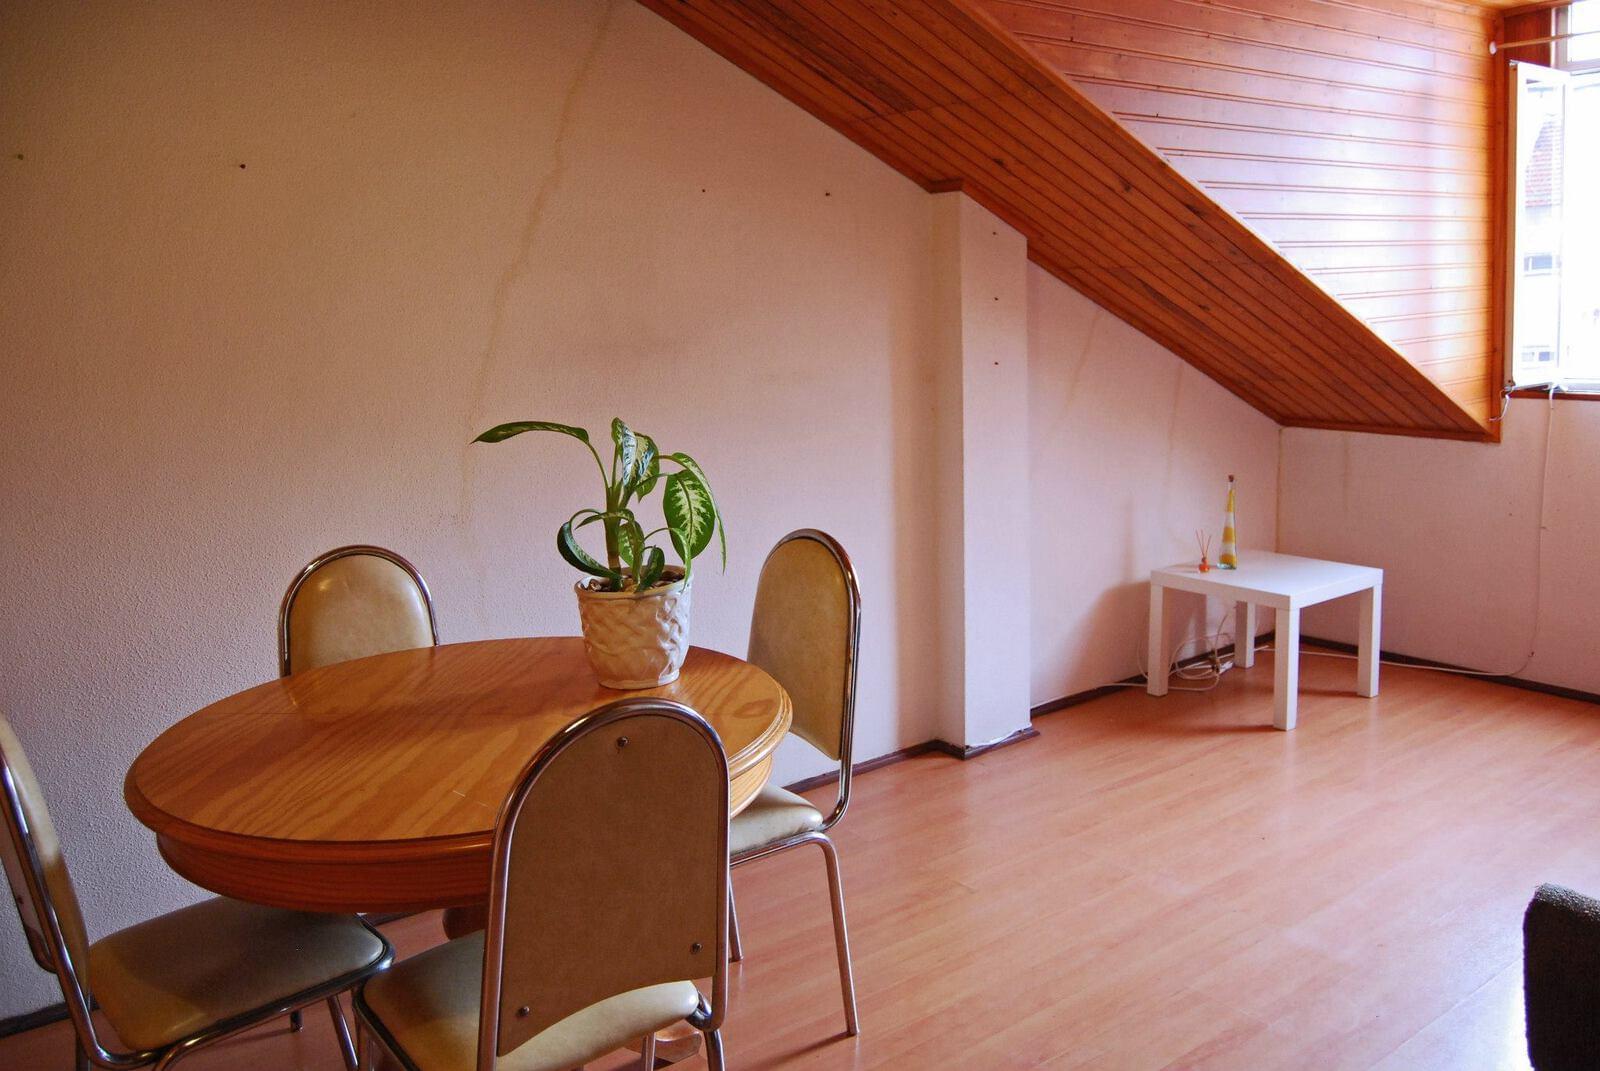 pf17427-apartamento-t1-lisboa-dfc1acf7-286a-421e-9100-e9efe0eda8e2